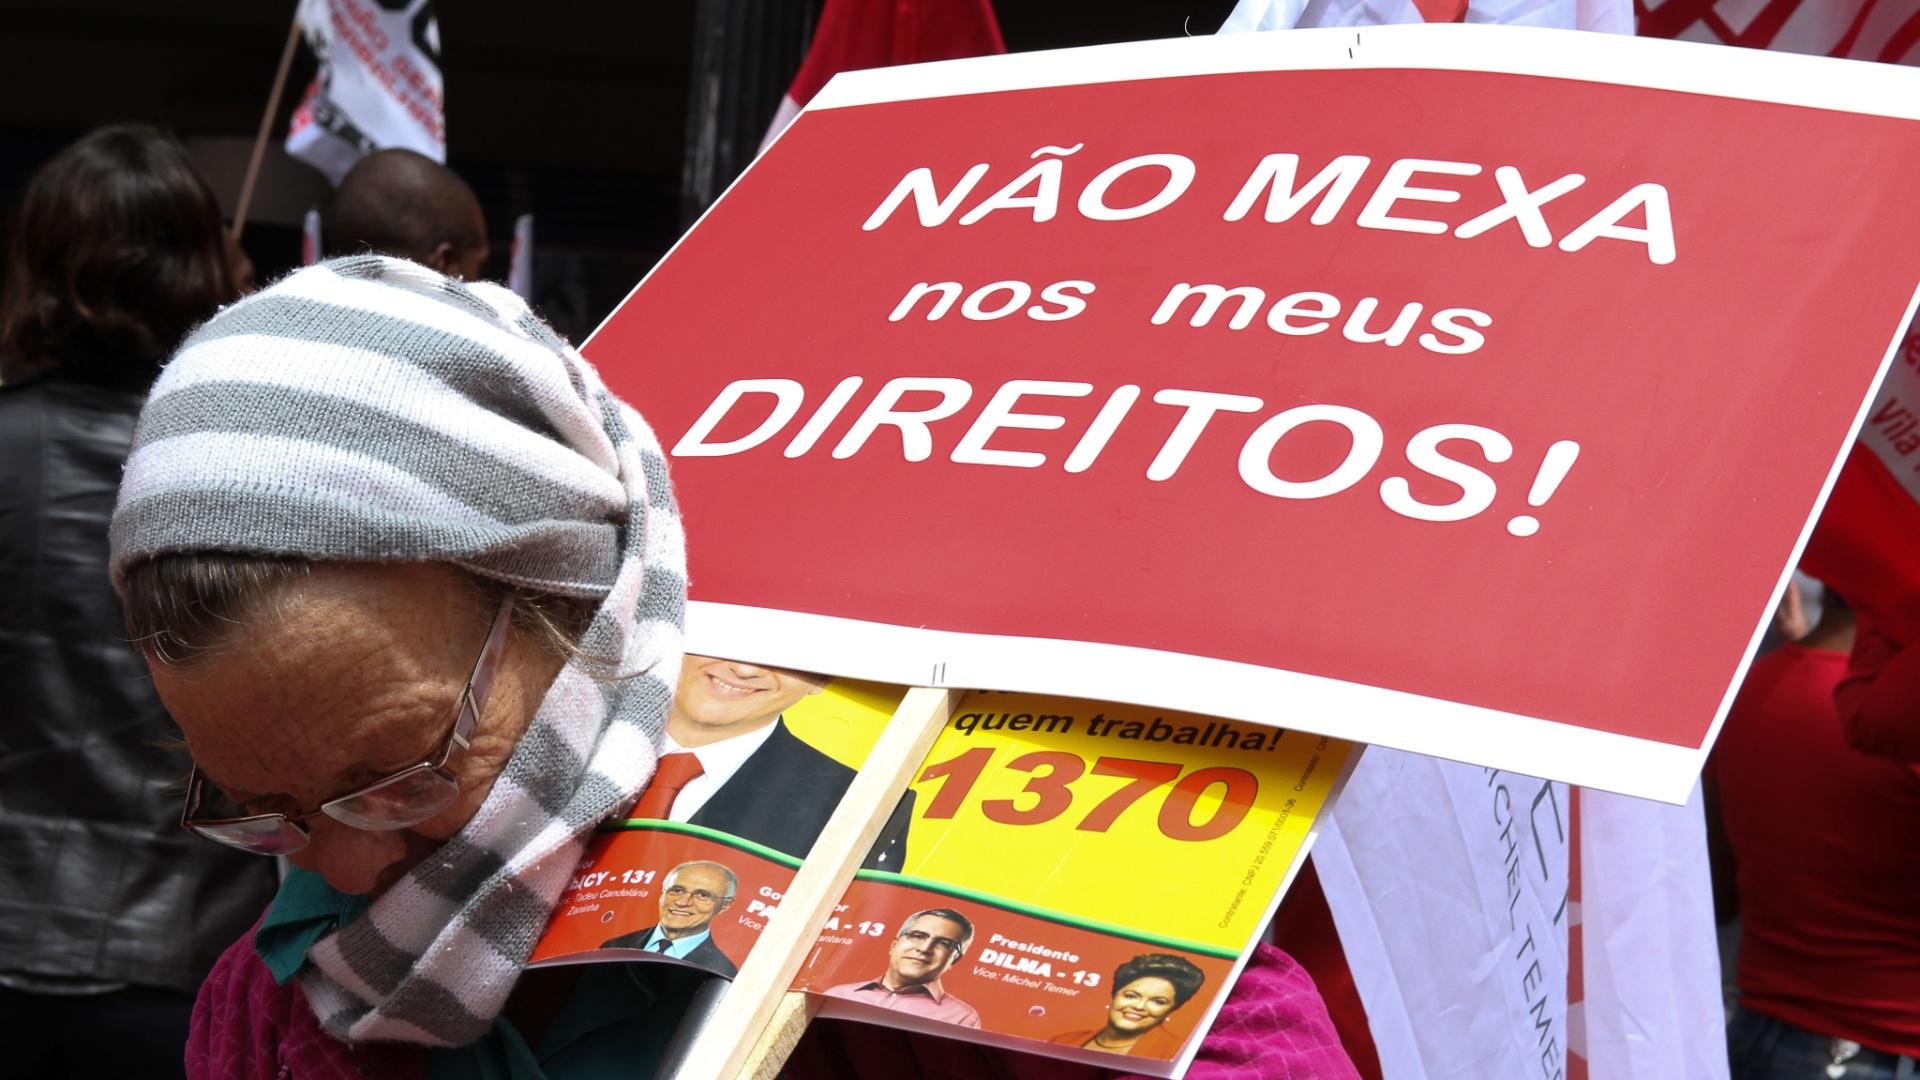 3.out.2014 - Simpatizantes da reeleição de Dilma Rousseff (PT) comparecem à carreata da presidente, do candidato ao governo de São Paulo Alexandre Padilha (PT), do senador e candidato à reeleição Eduardo Suplicy (PT) e do ex-presidente Luiz Inácio Lula da Silva, no centro da cidade de São Paulo